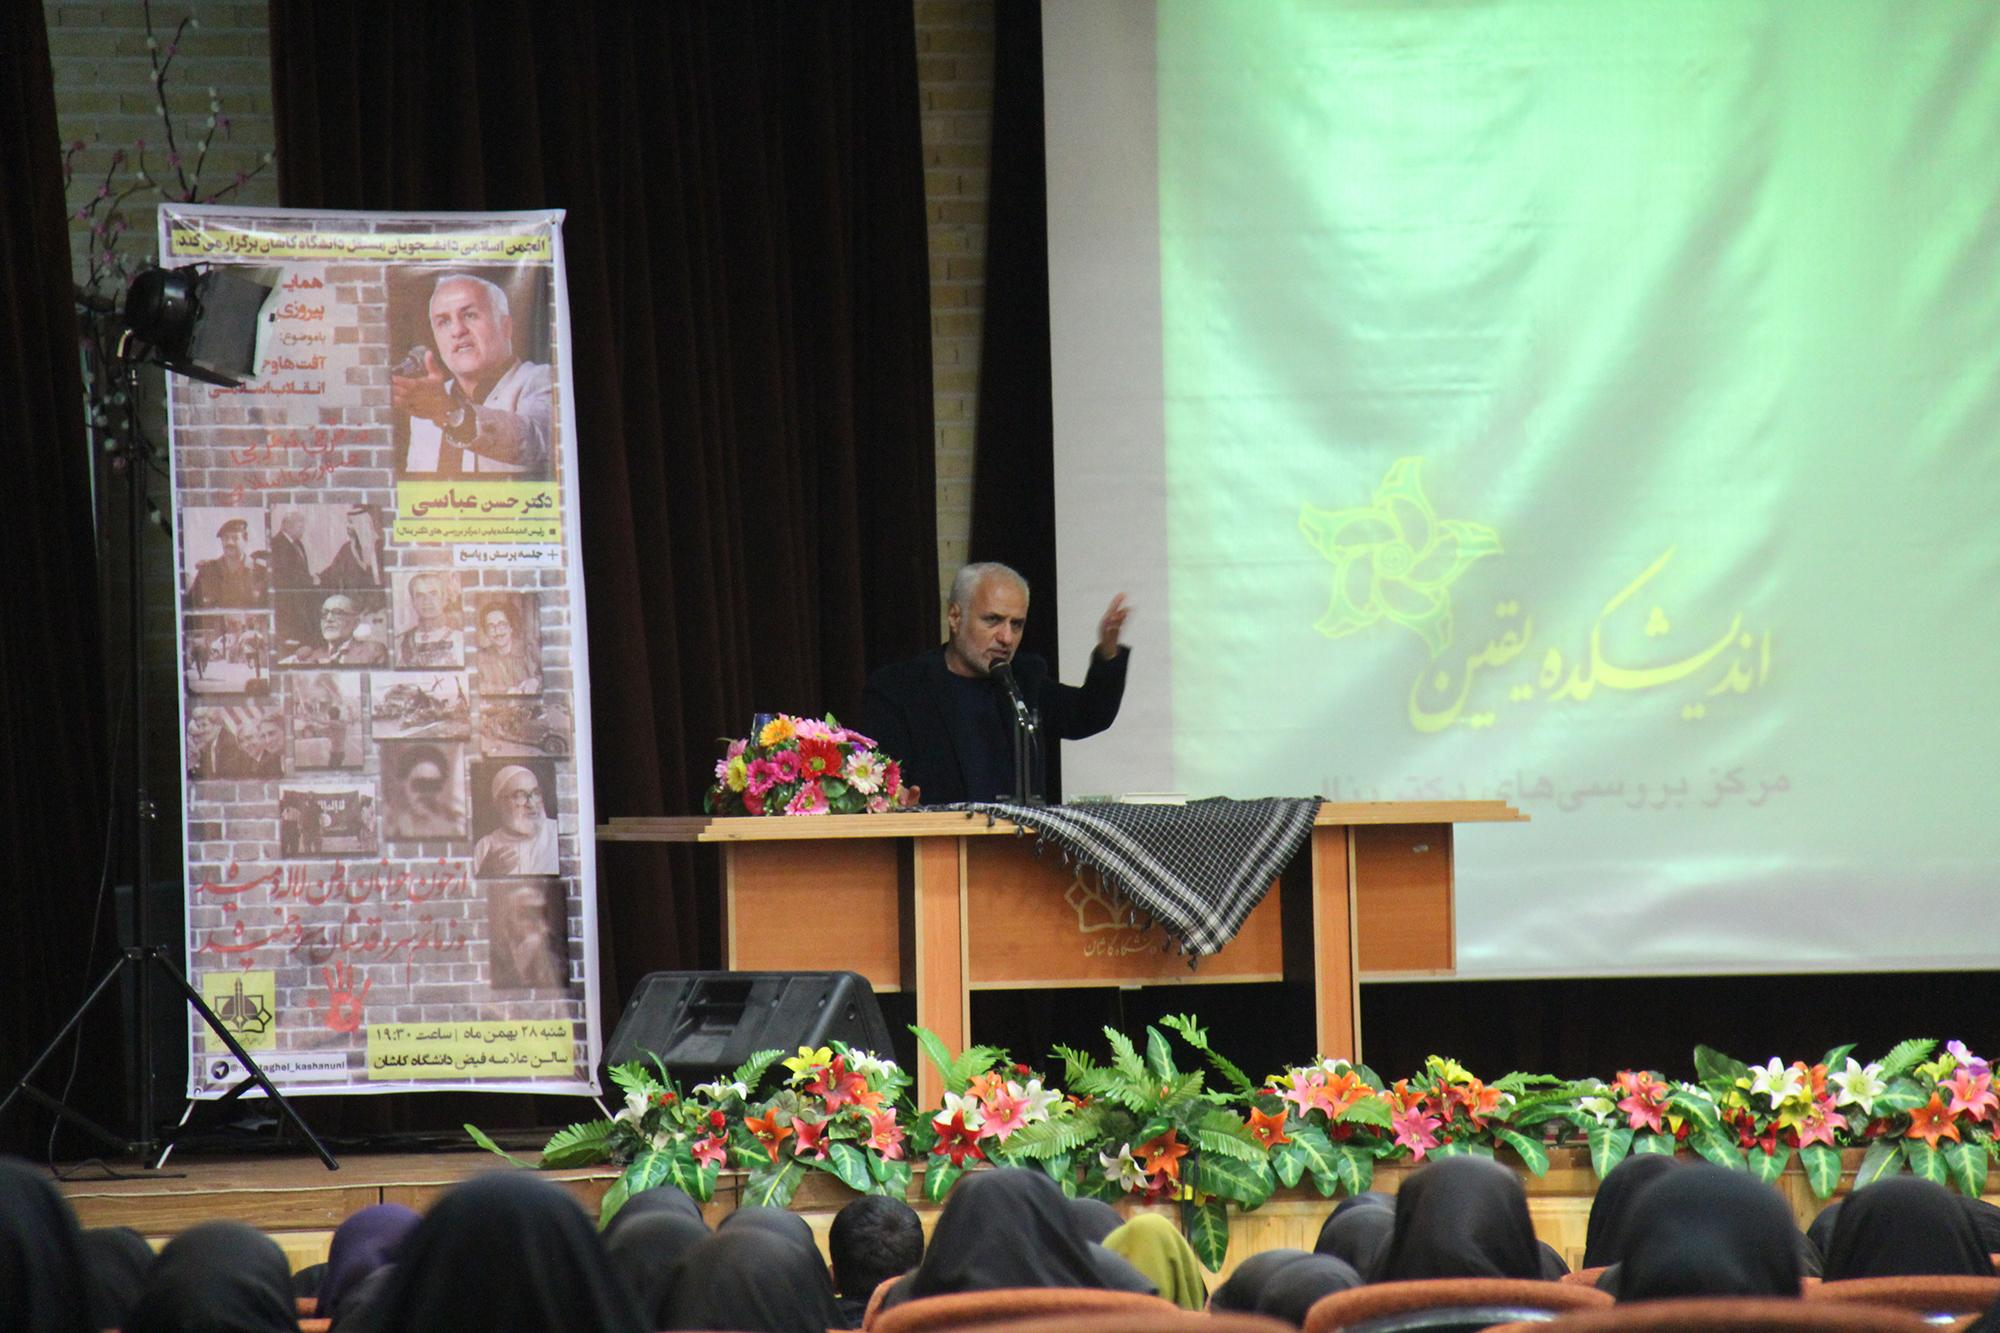 سخنرانی استاد حسن عباسی در دانشگاه کاشان - آفت ها و جوانه های انقلاب اسلامی